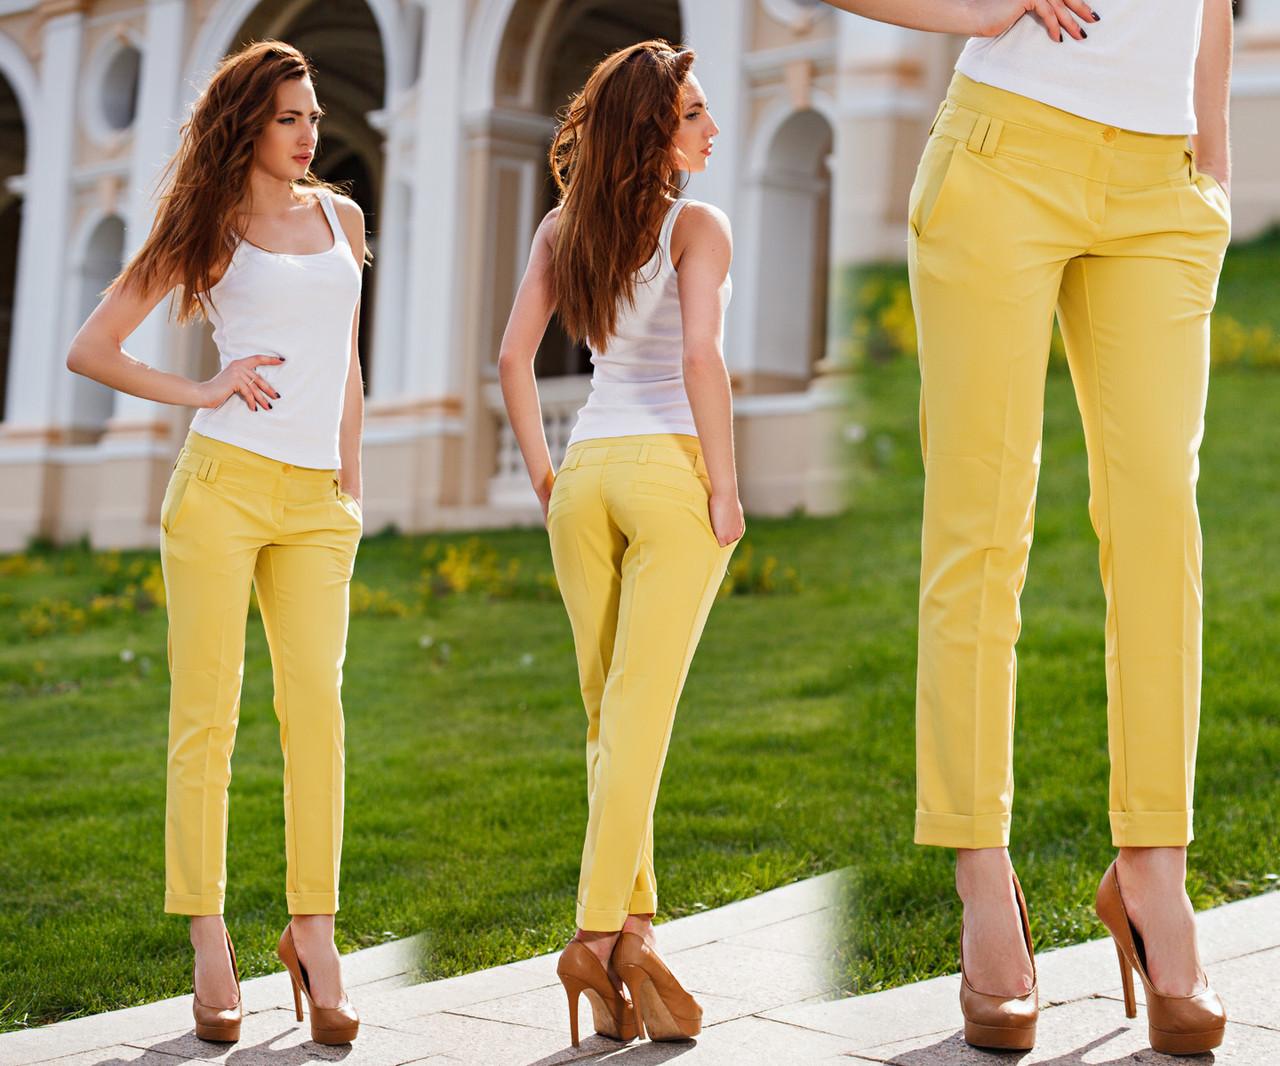 """Летние стильные женские брюки до больших размеров В-76 """"Тиар Чинос Подворот"""" в расцветках - """"Пальмира"""" - прямой поставщик модной одежды оптом и в розницу от производителя в Одессе"""